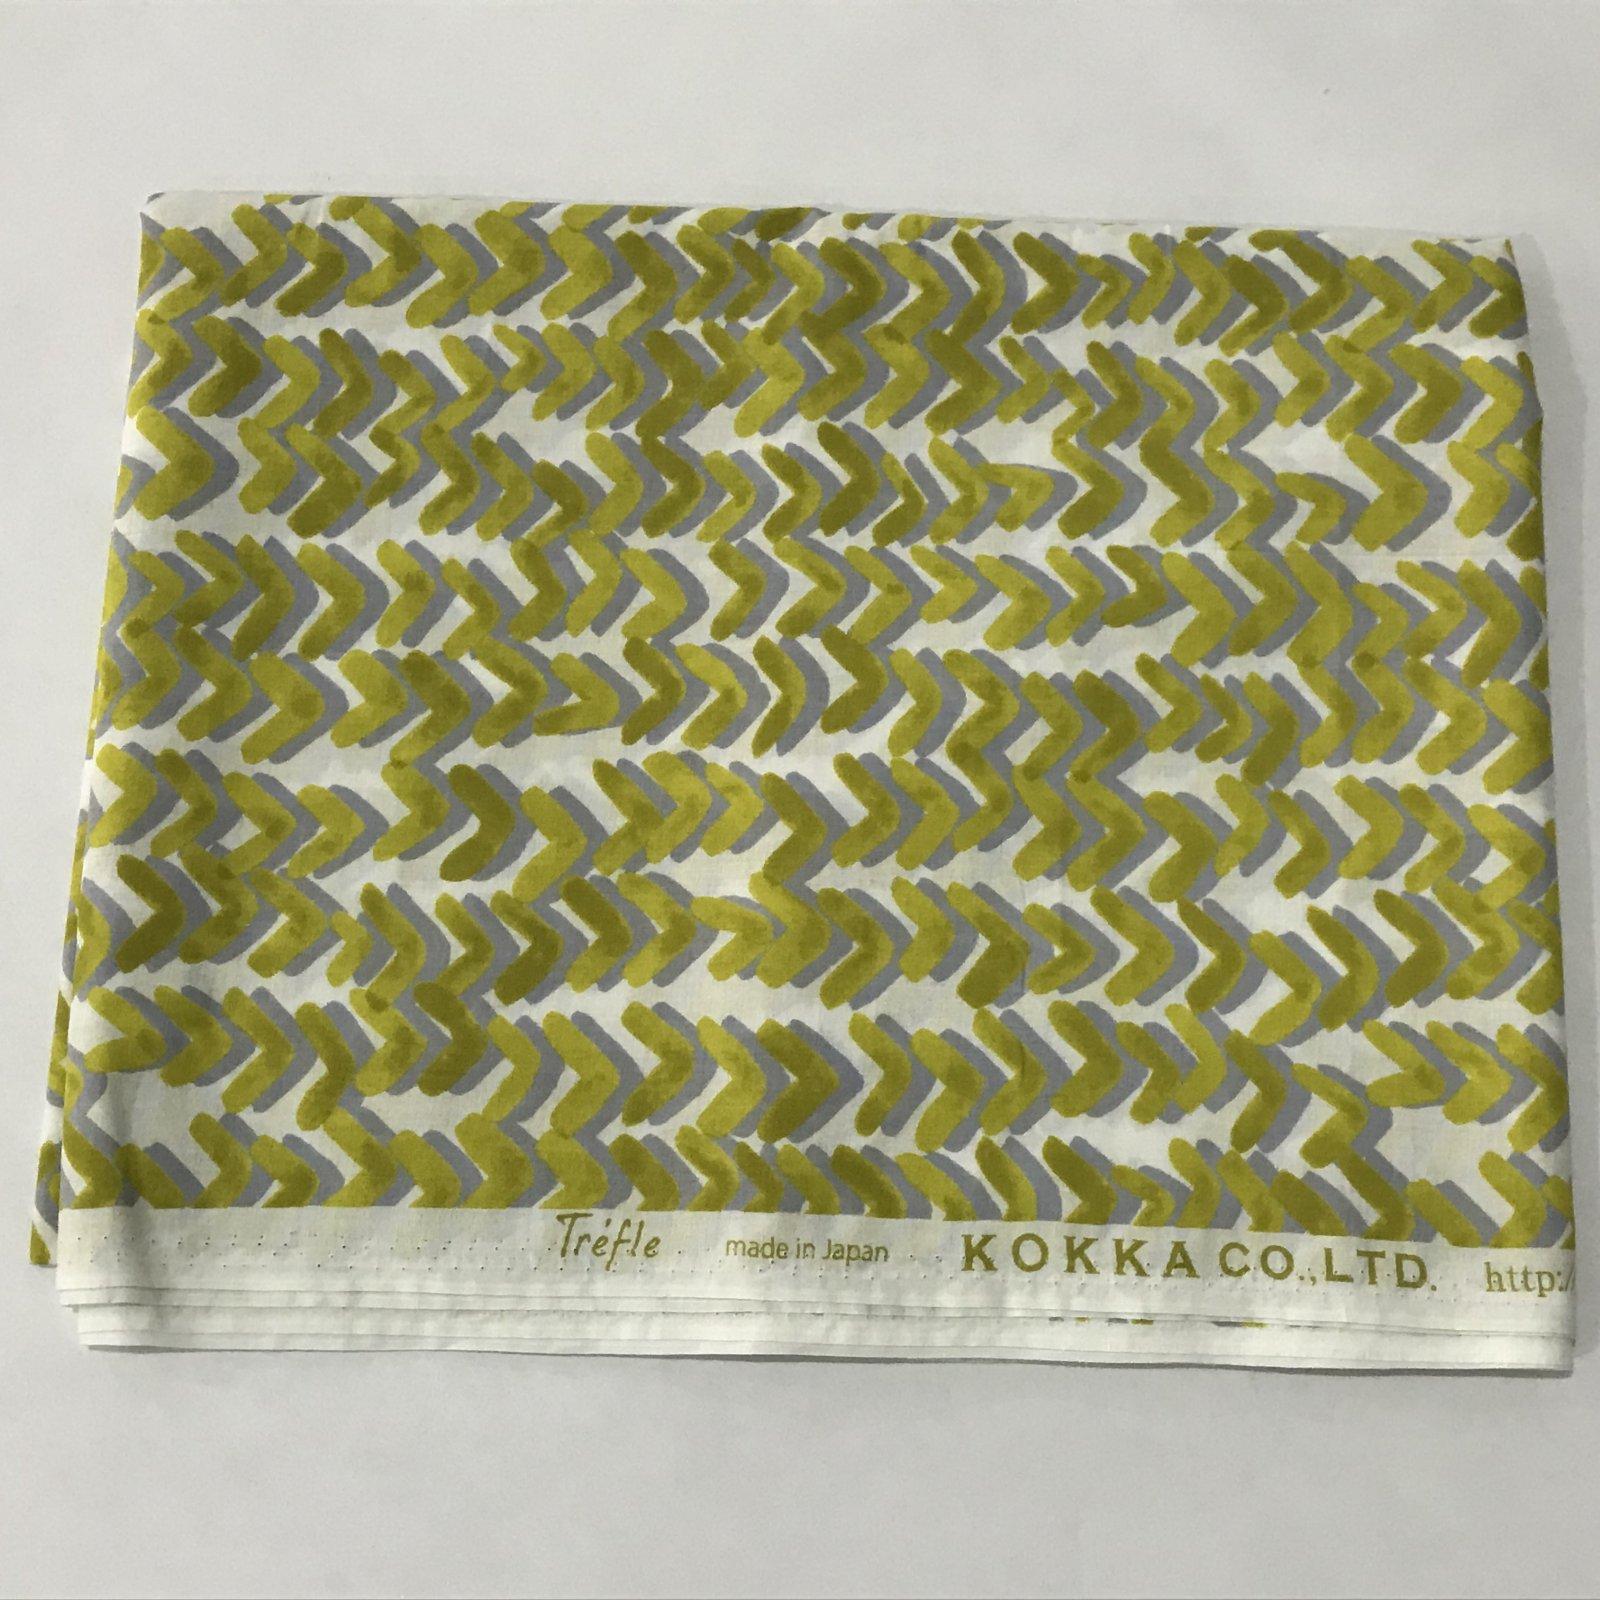 Kokka - Trefle - Japanese Cotton - 2 1/4 yard